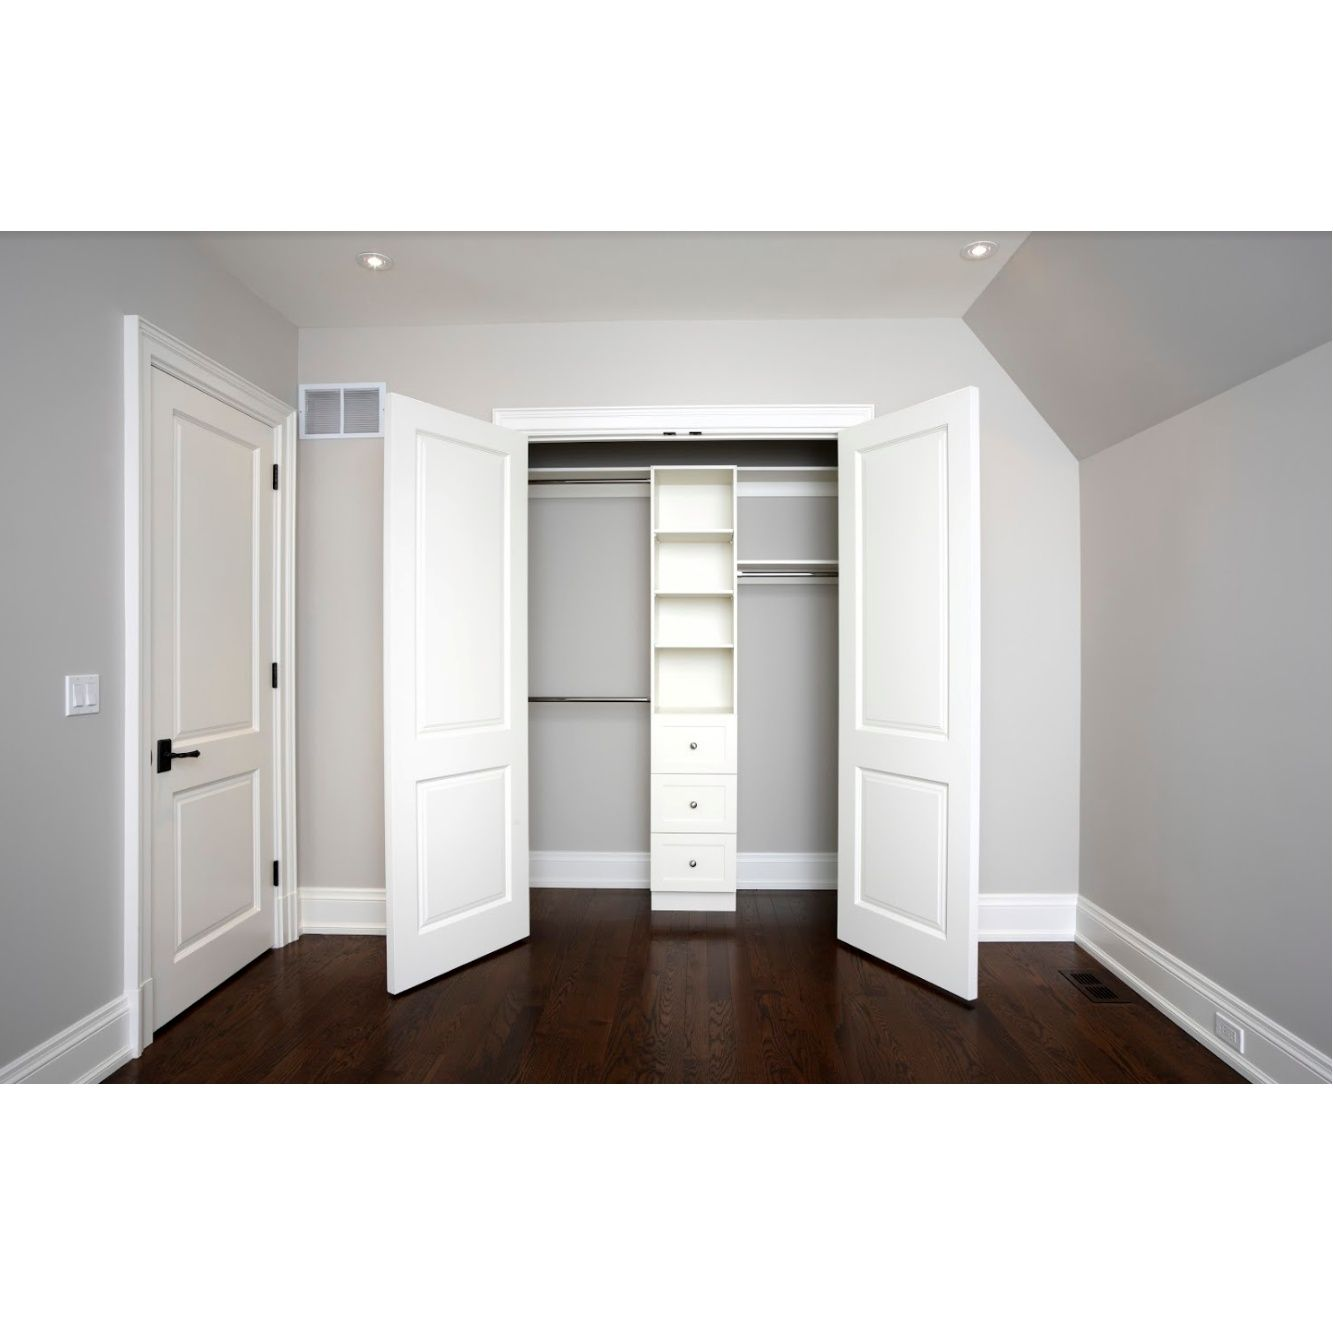 Instalaciones de armarios, puertas y cocinas: Servicios de Maderfloor